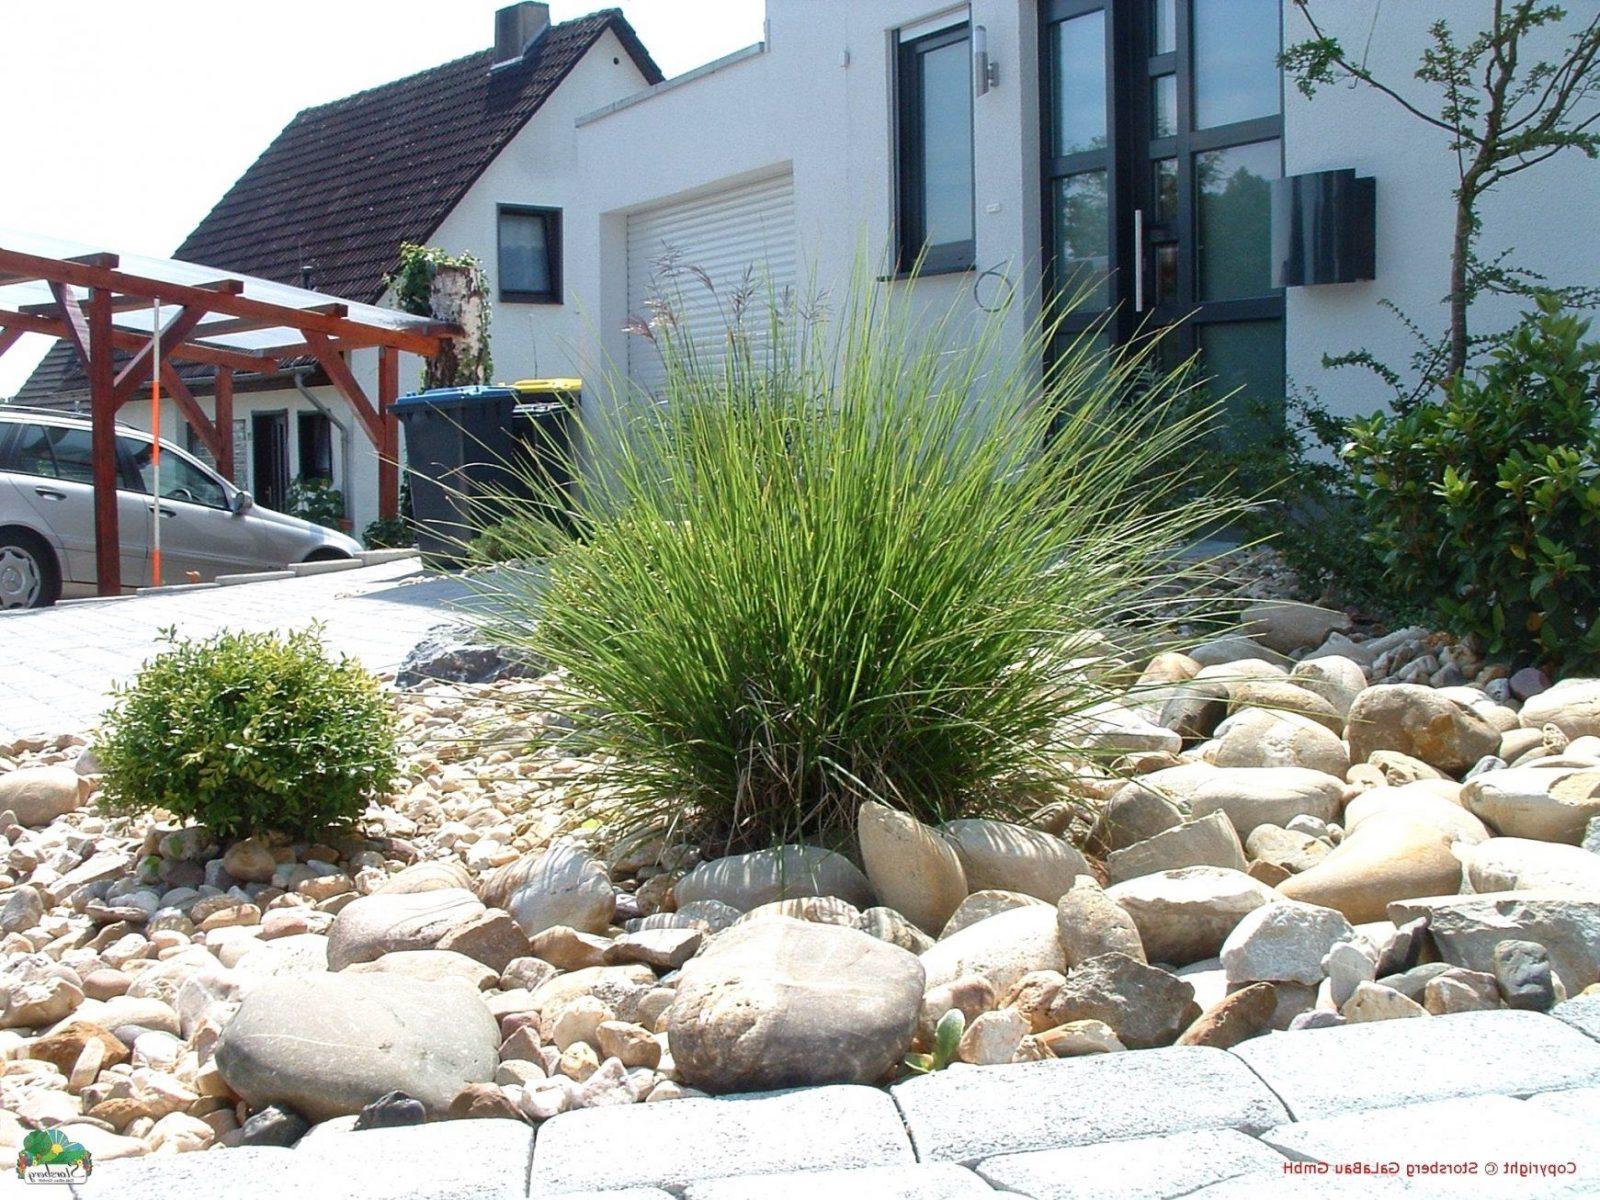 Unglaublich Gartengestaltung Mit Steinen Und Gräsern Modern von Gartengestaltung Mit Gräsern Und Kies Bild